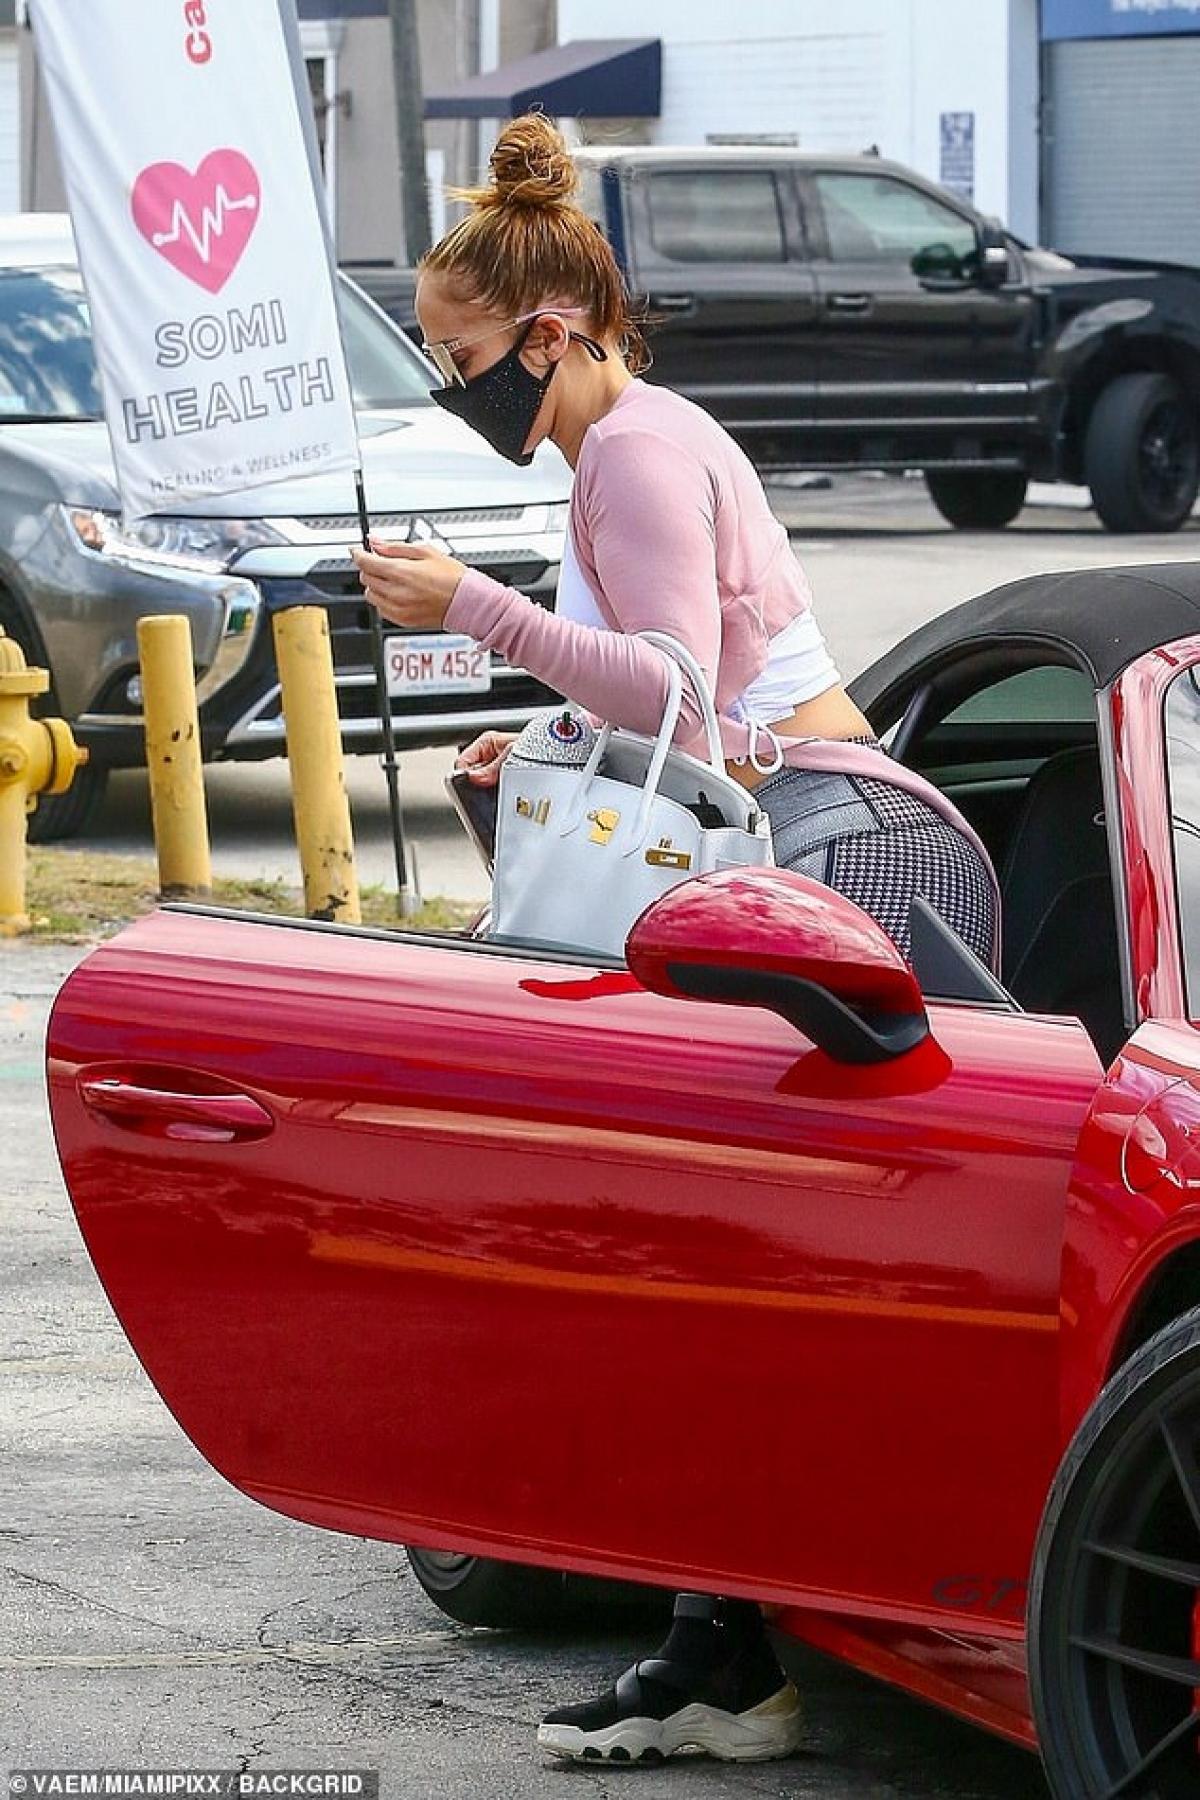 Jennifer Lopez cho biết, dù bận rộn đến mấy nhưng cô vẫn tranh thủ sắp xếp thời gian để đi tập luyện thể thao.